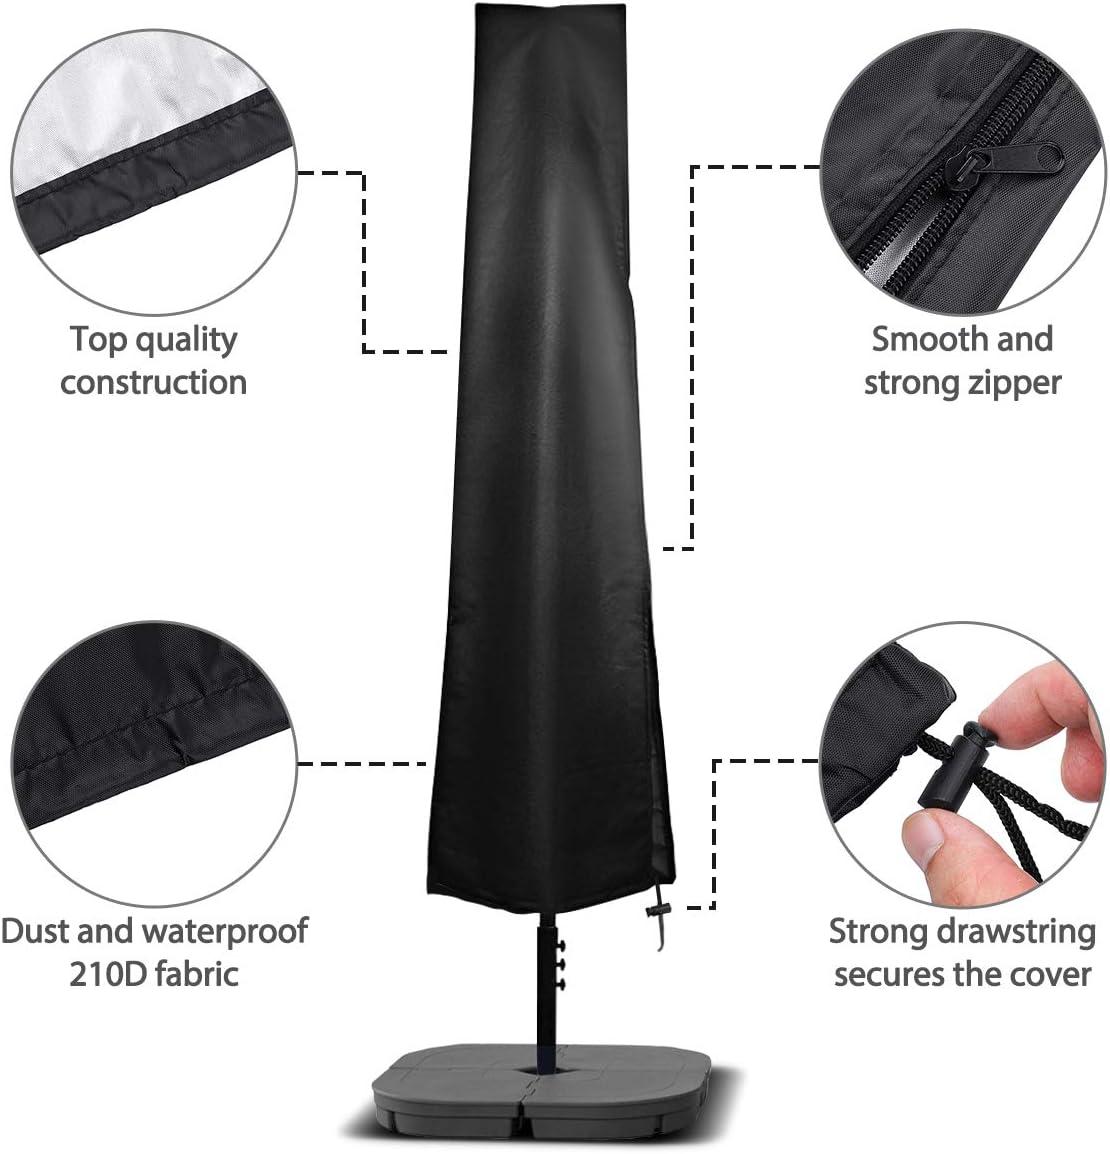 Copertura Telesc/ópica de Paraguas en Tela Impermeable Oxford 210D para Di/ámetros de 2m-4m con Cubierta de Poste Telesc/ópico 190 x 30//50cm NASUM Funda Protectora para Sombrillas Negro